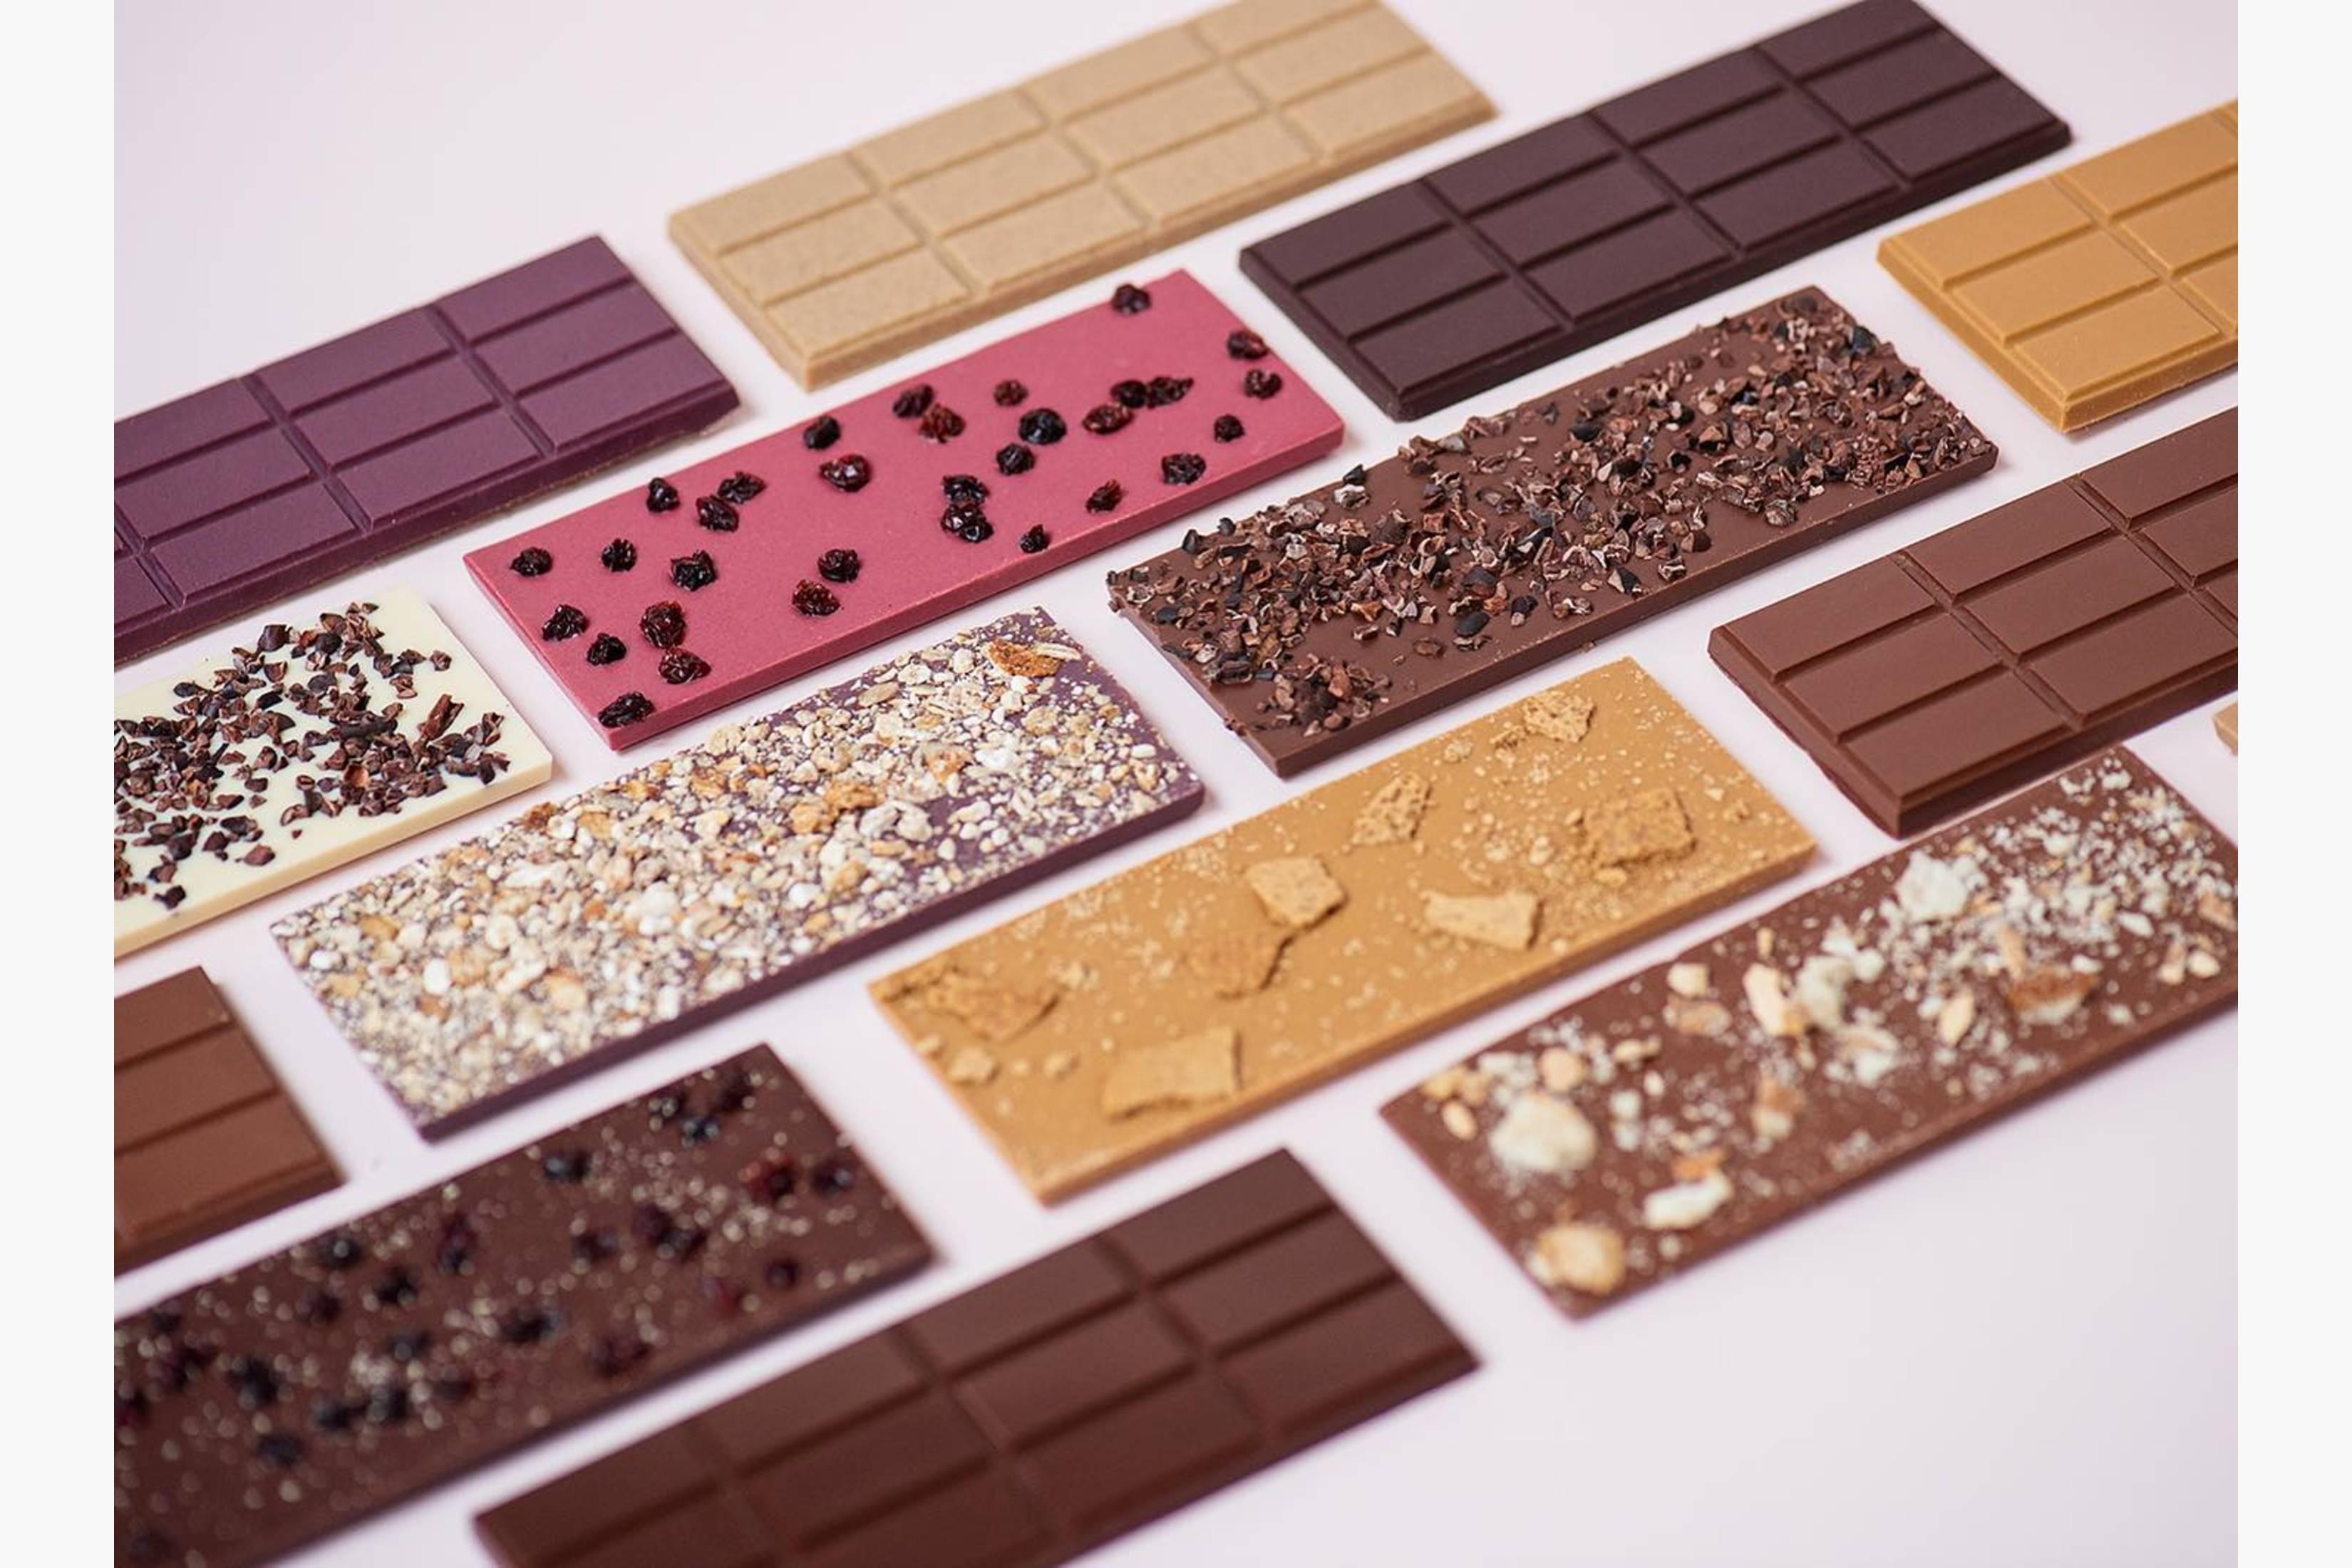 Bean to Bar - Vi sorterer, rister, knuser, og separerer av skallet fra kakaobønnene, før vi kverner de til flytende sjokolade. Tilslutt tempererer og støper vi i former.